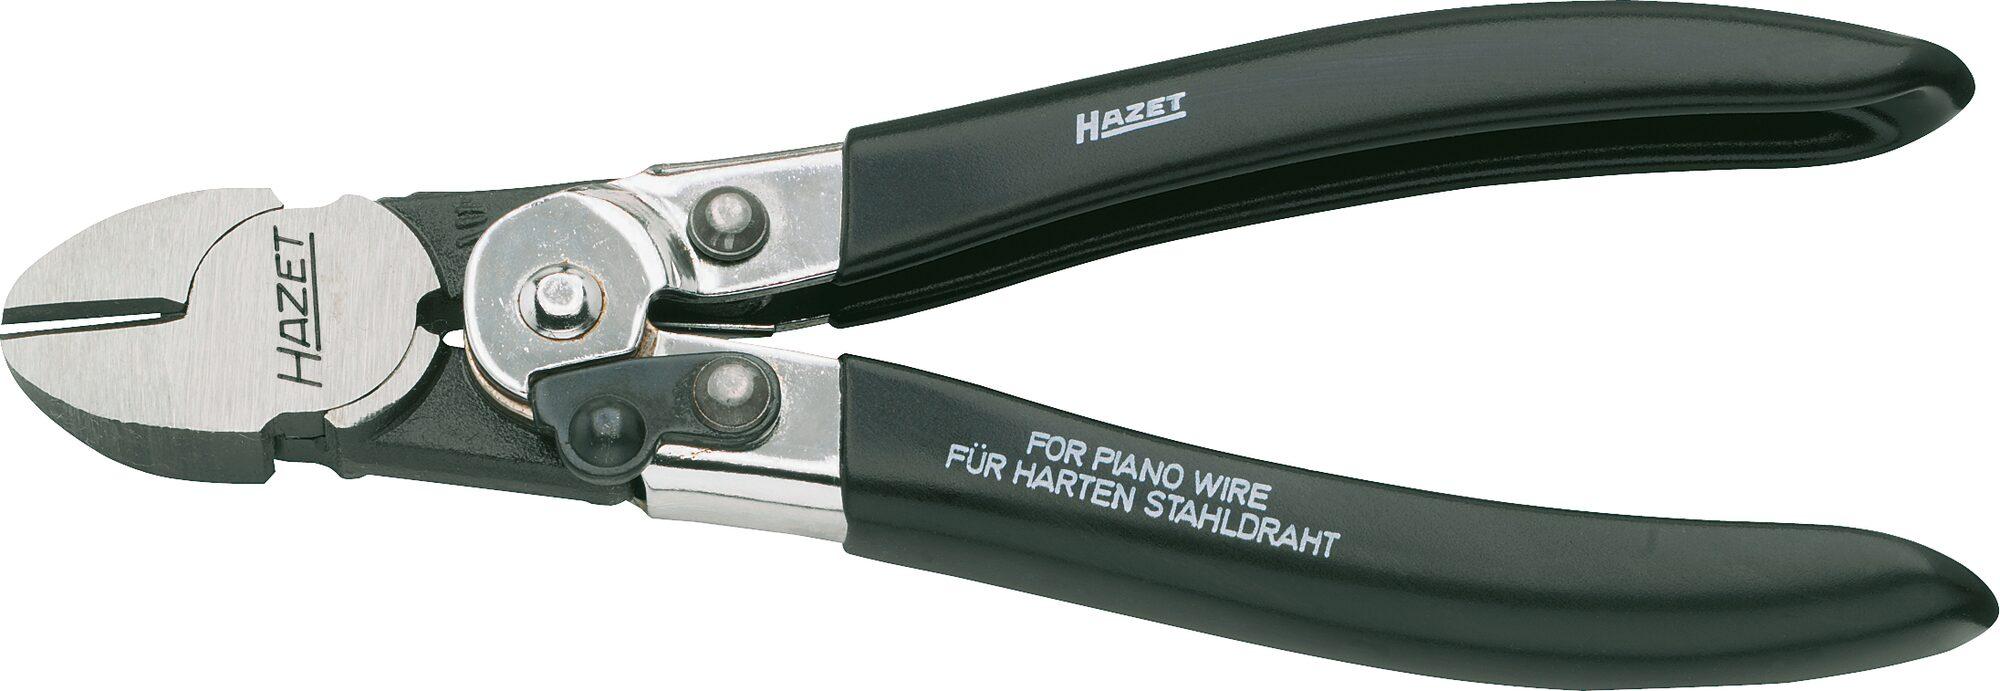 HAZET Hebel-Seitenschneider 1804N-2